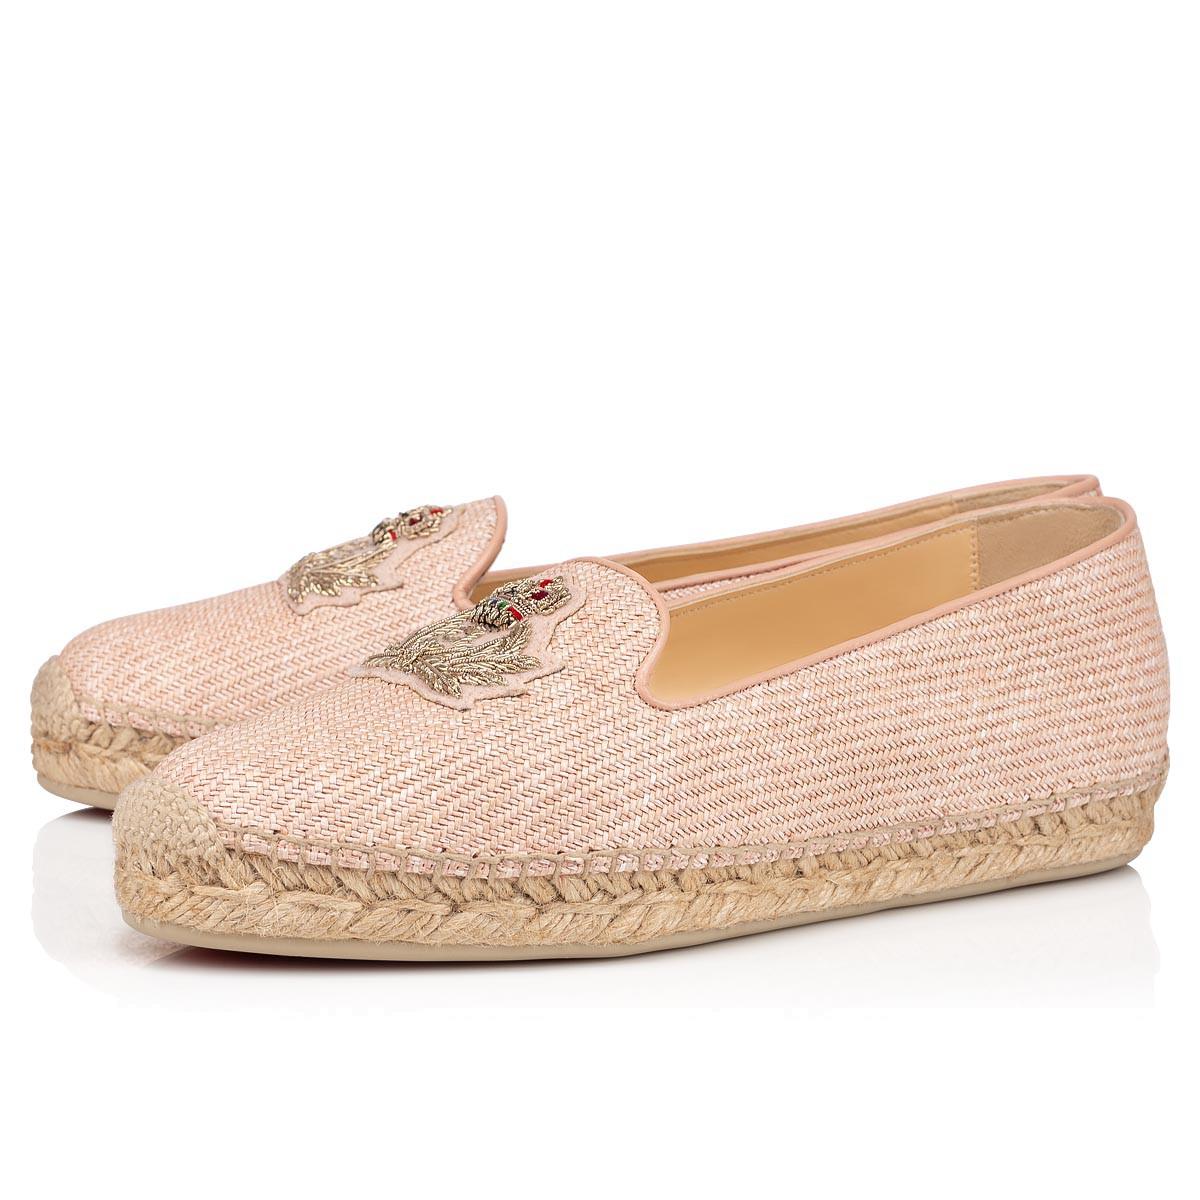 Shoes - Nanou Orlato Donna - Christian Louboutin